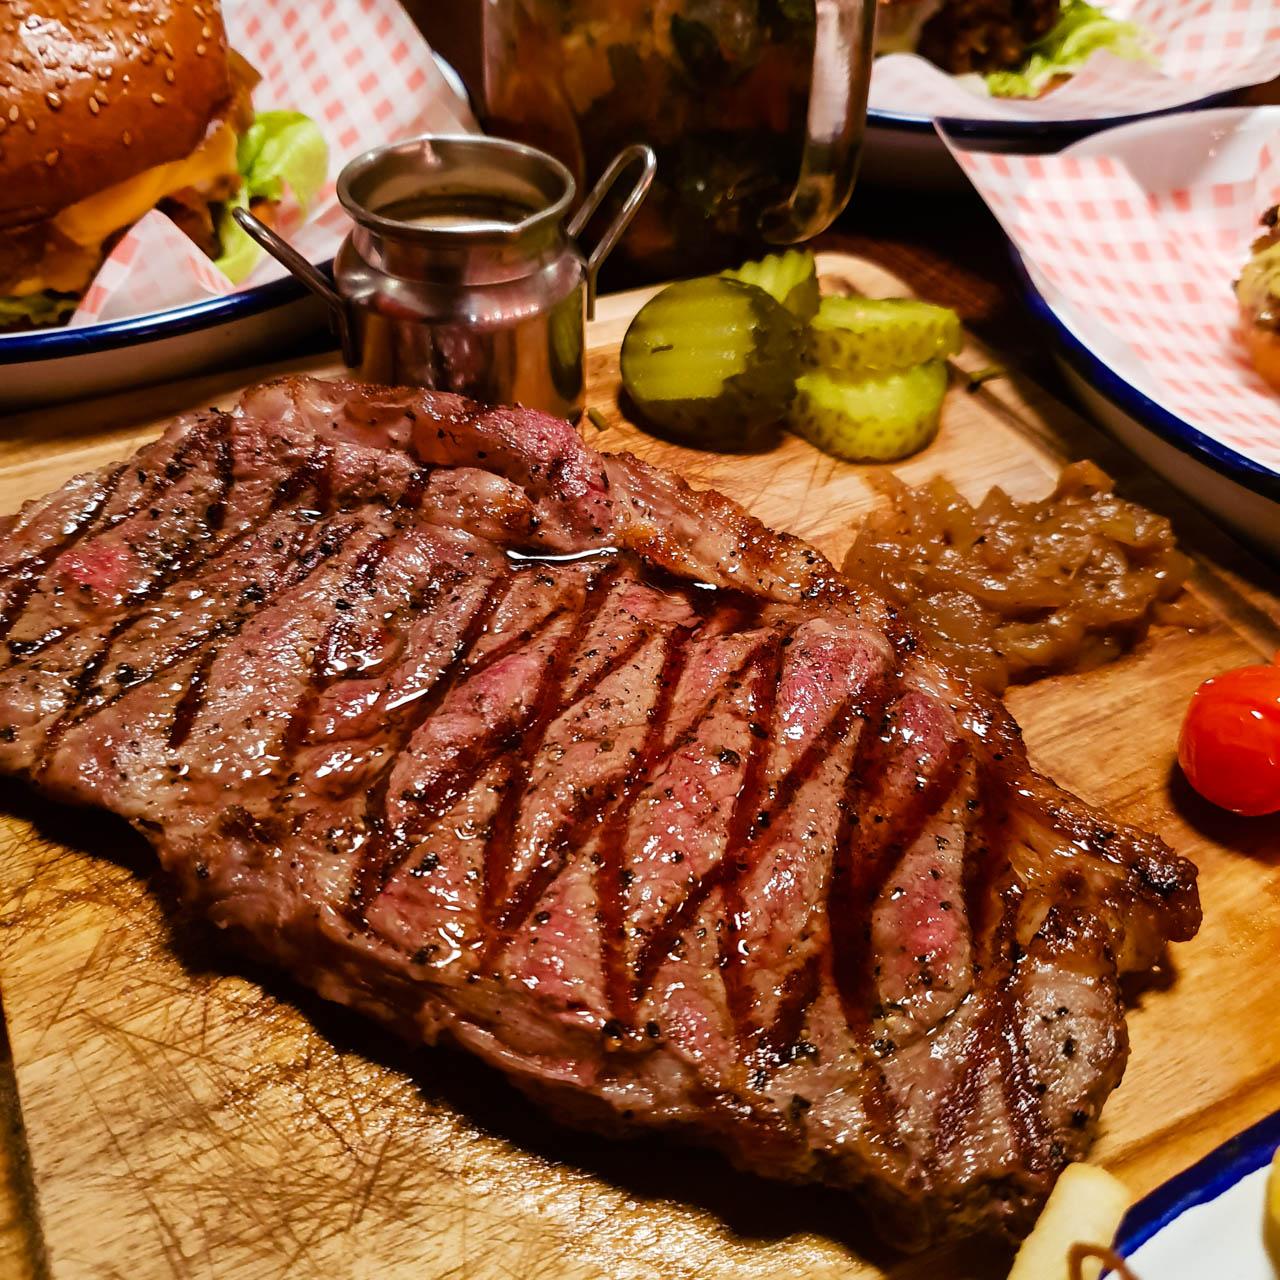 The Best Halal Steaks in London | Halal Food Guy